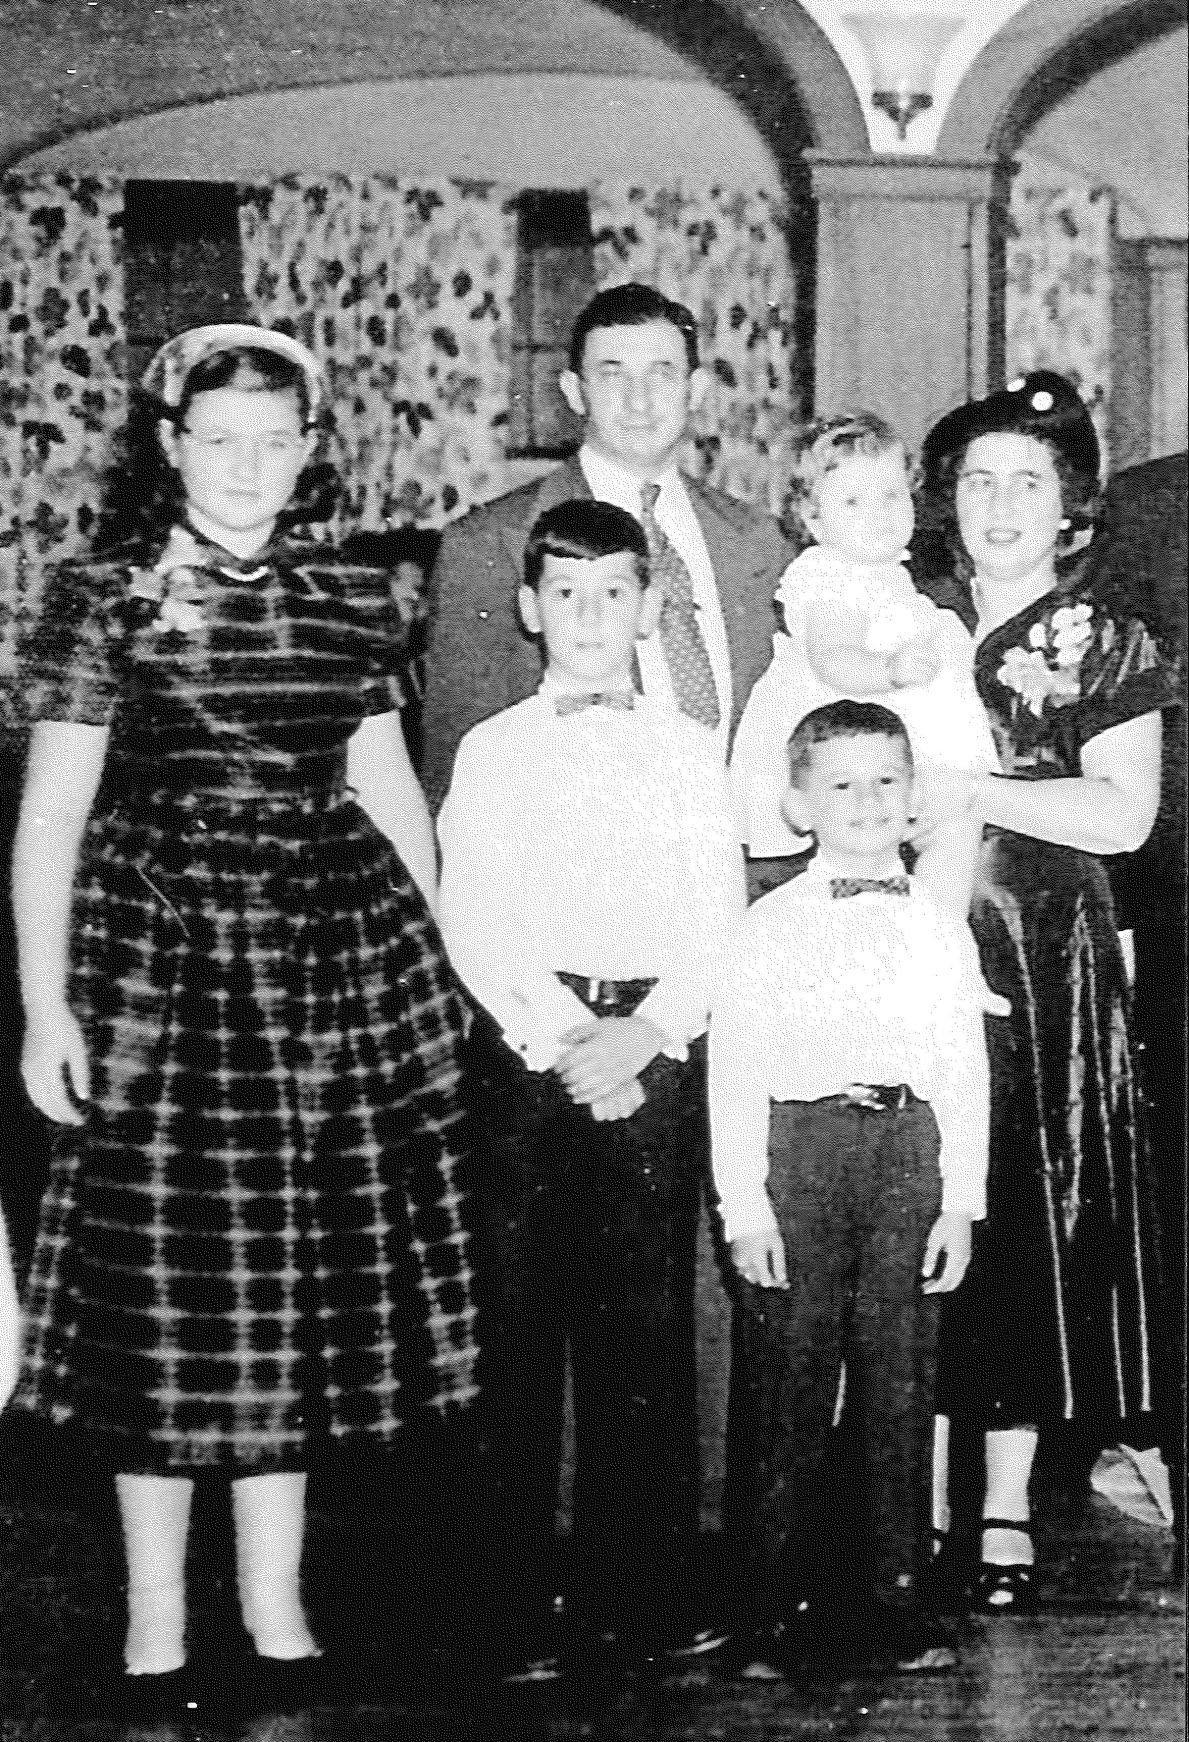 Photo # 2 - Cathy's family